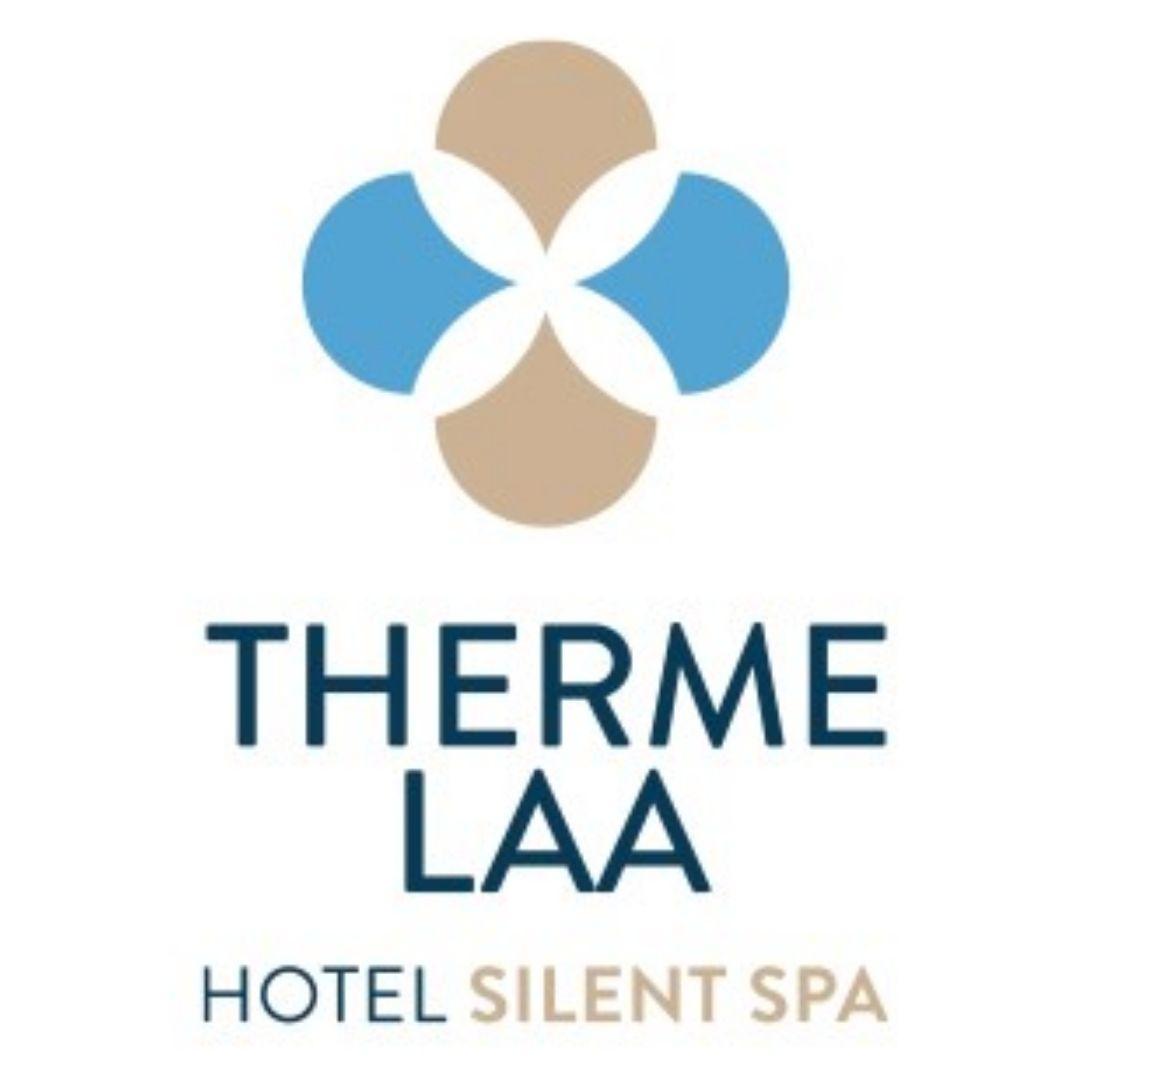 Therma Laa 1+1 Gratis Eintritt inkl. Saunawelt für 35,50€. Bis 30.09